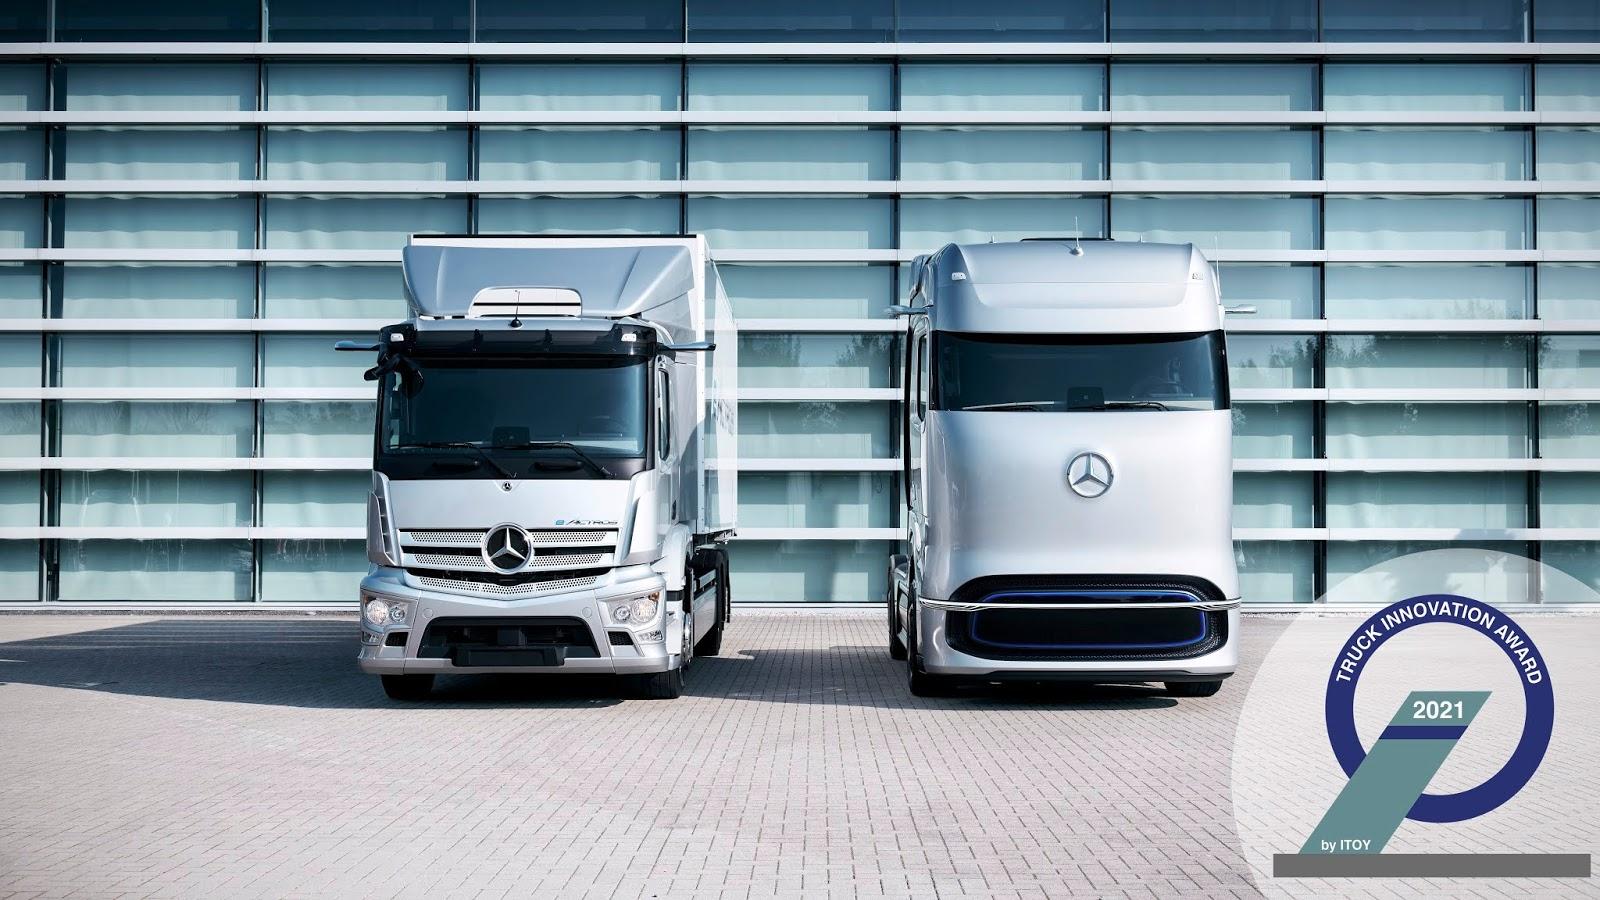 20C0706 05 Οι πρωτοπόροι της ηλεκτροκίνησης: το Mercedes-Benz eActros και το Mercedes-Benz GenH2 Truck κερδίζουν το βραβείο καινοτομίας «Truck Innovation Award 2021» electric trucks, EV, Mercedes, Mercedes Benz, ειδήσεις, Επαγγελματικά, Φορτηγά